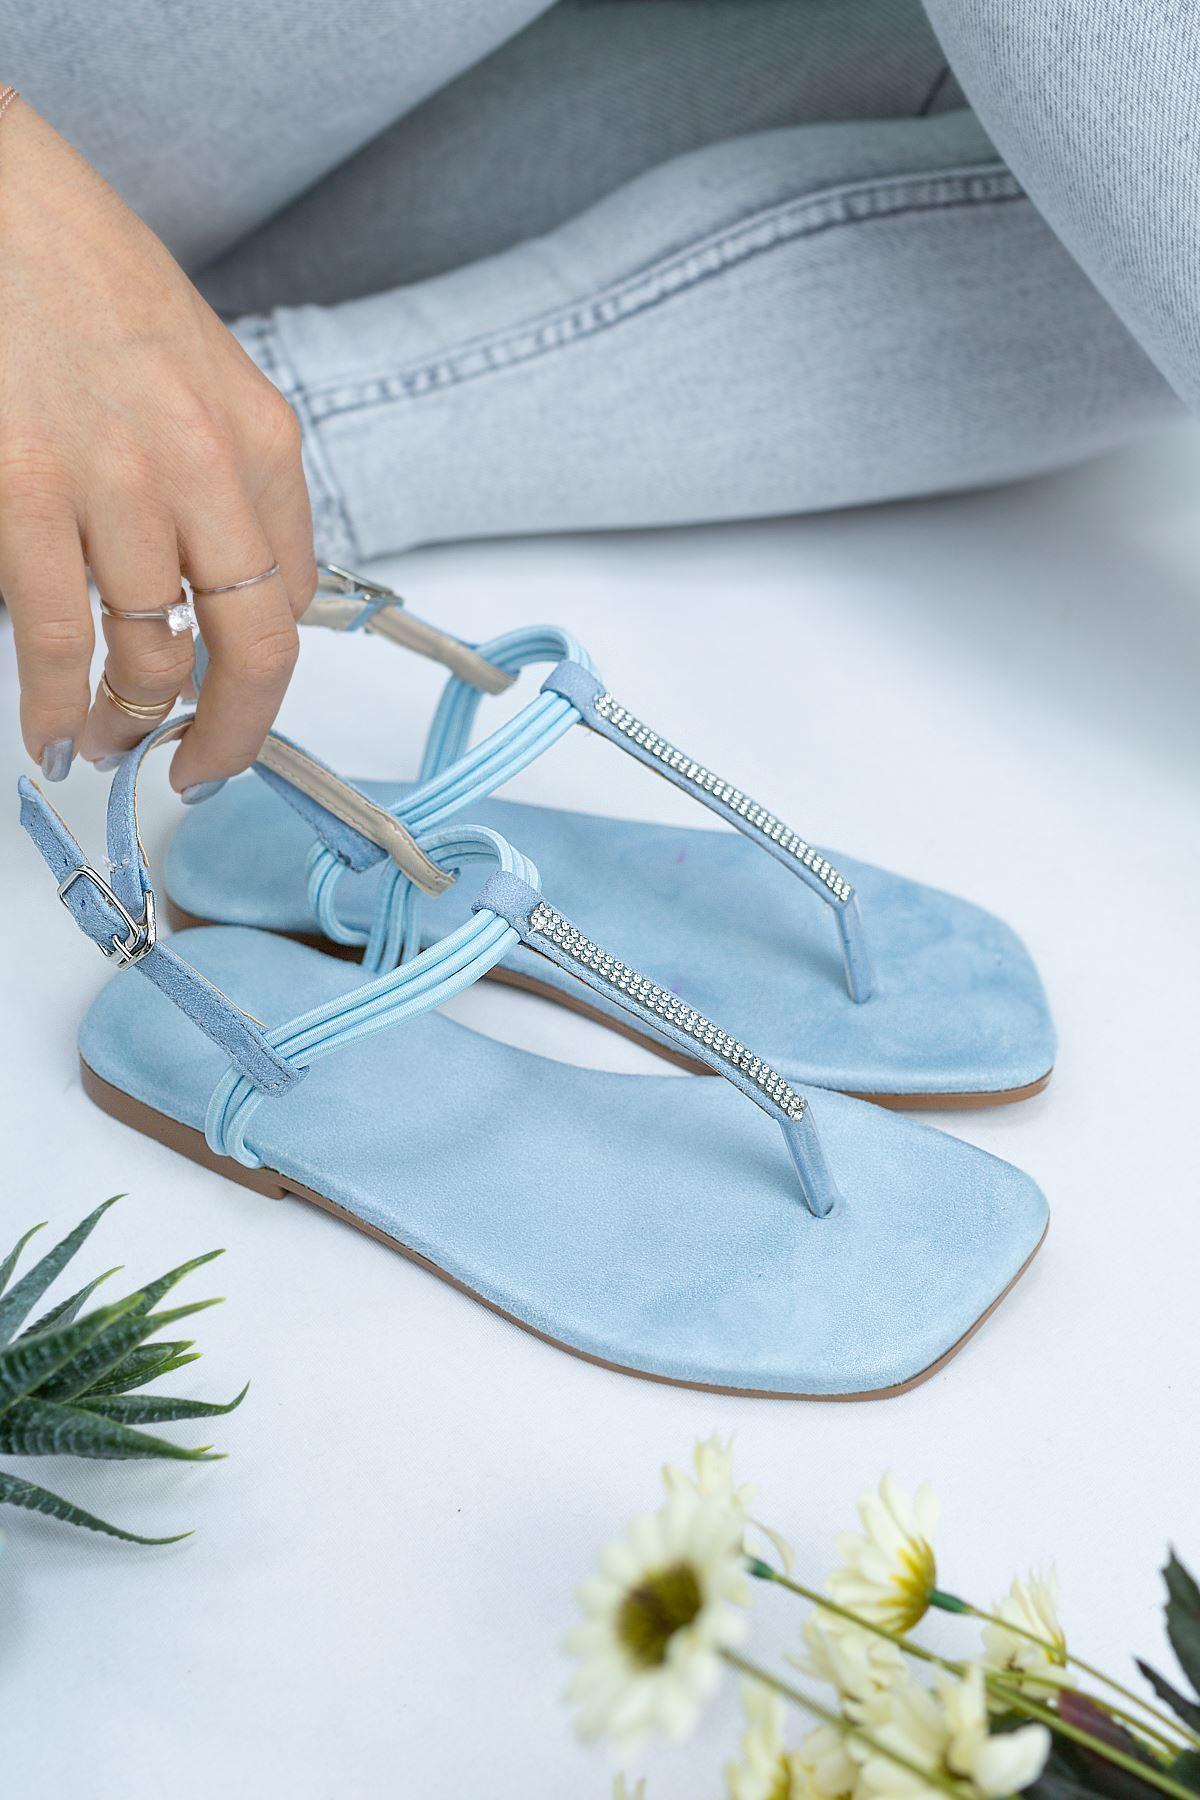 Sea Bebek Mavi Süet Kadın Sandalet